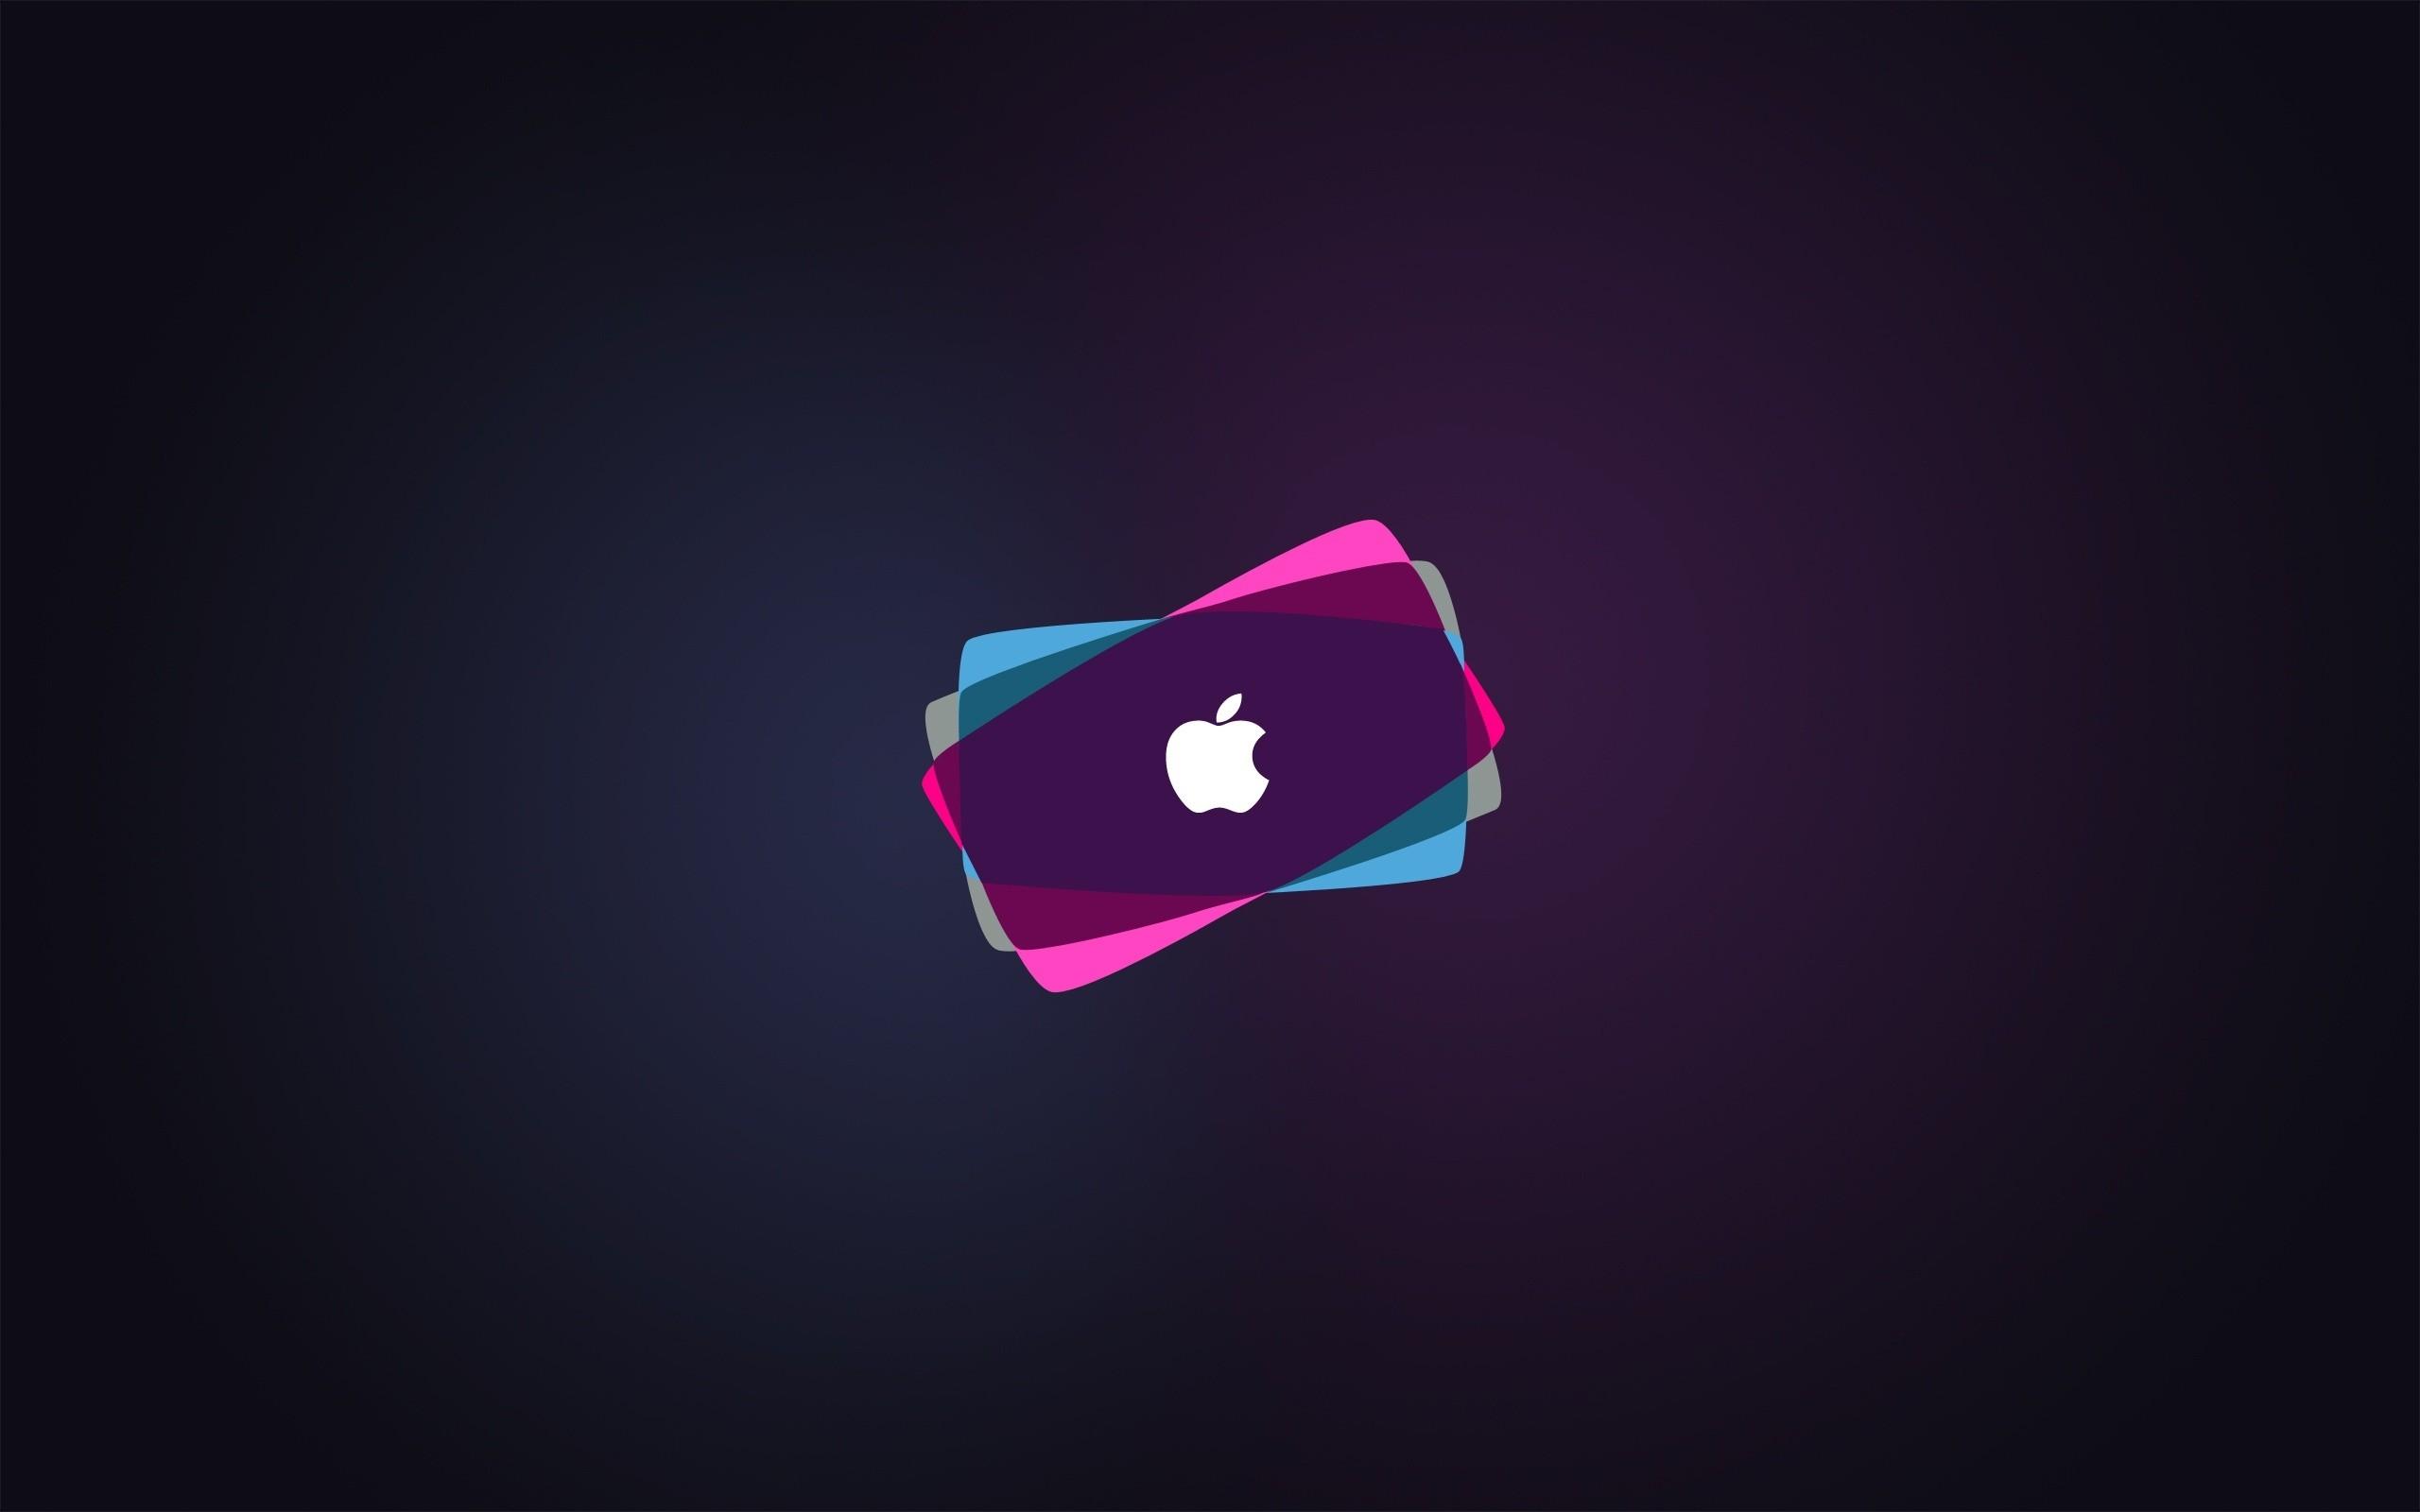 Apple Hd Wallpapers   Apple Logo Desktop Backgrounds – Page 1 inside Apple Hd  Wallpapers